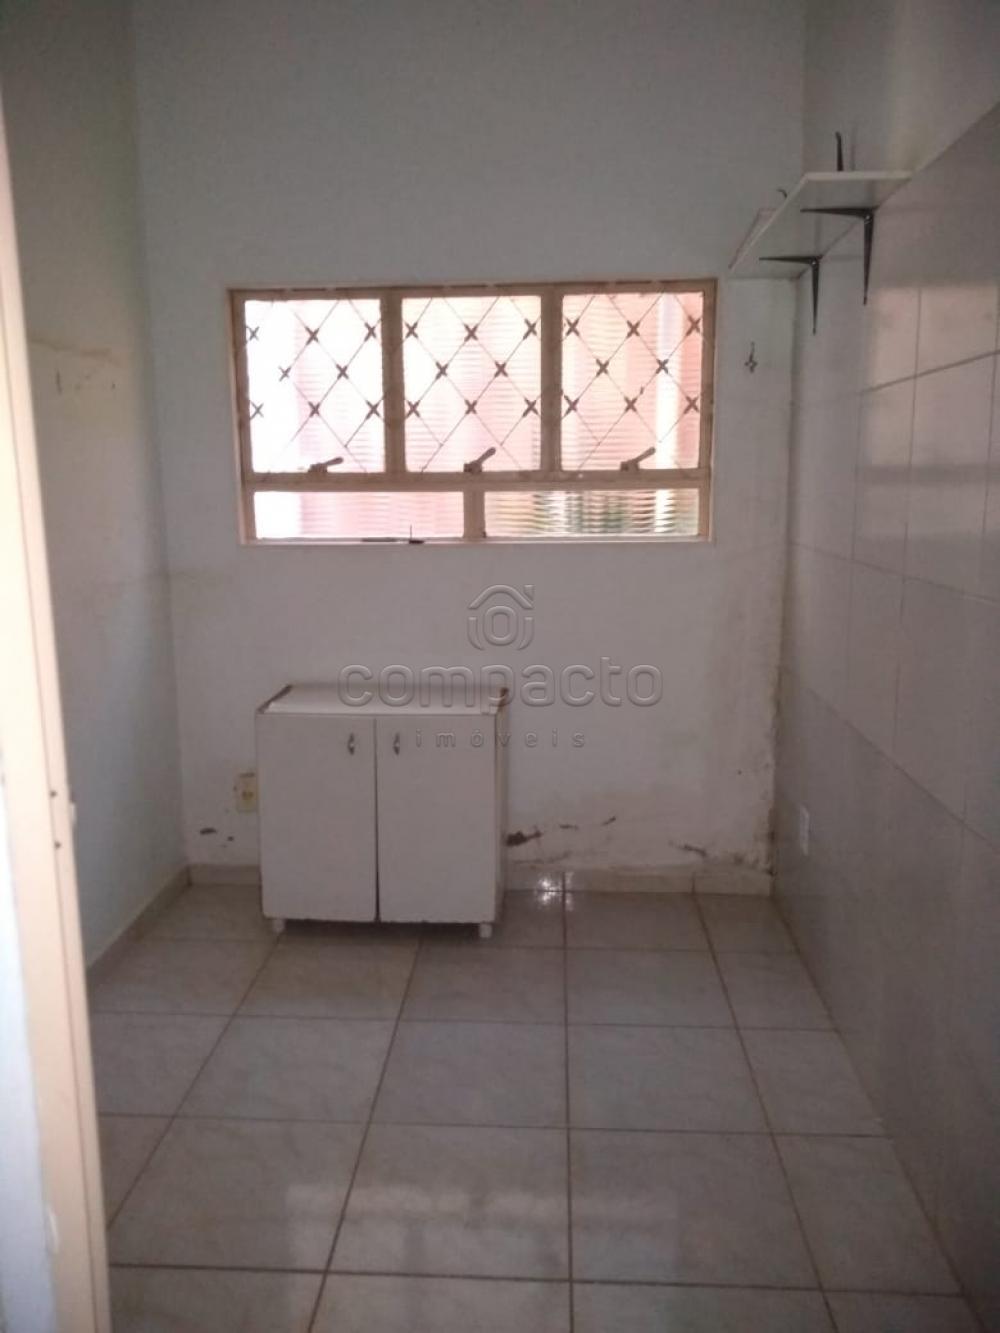 Alugar Casa / Padrão em São José do Rio Preto apenas R$ 1.600,00 - Foto 5